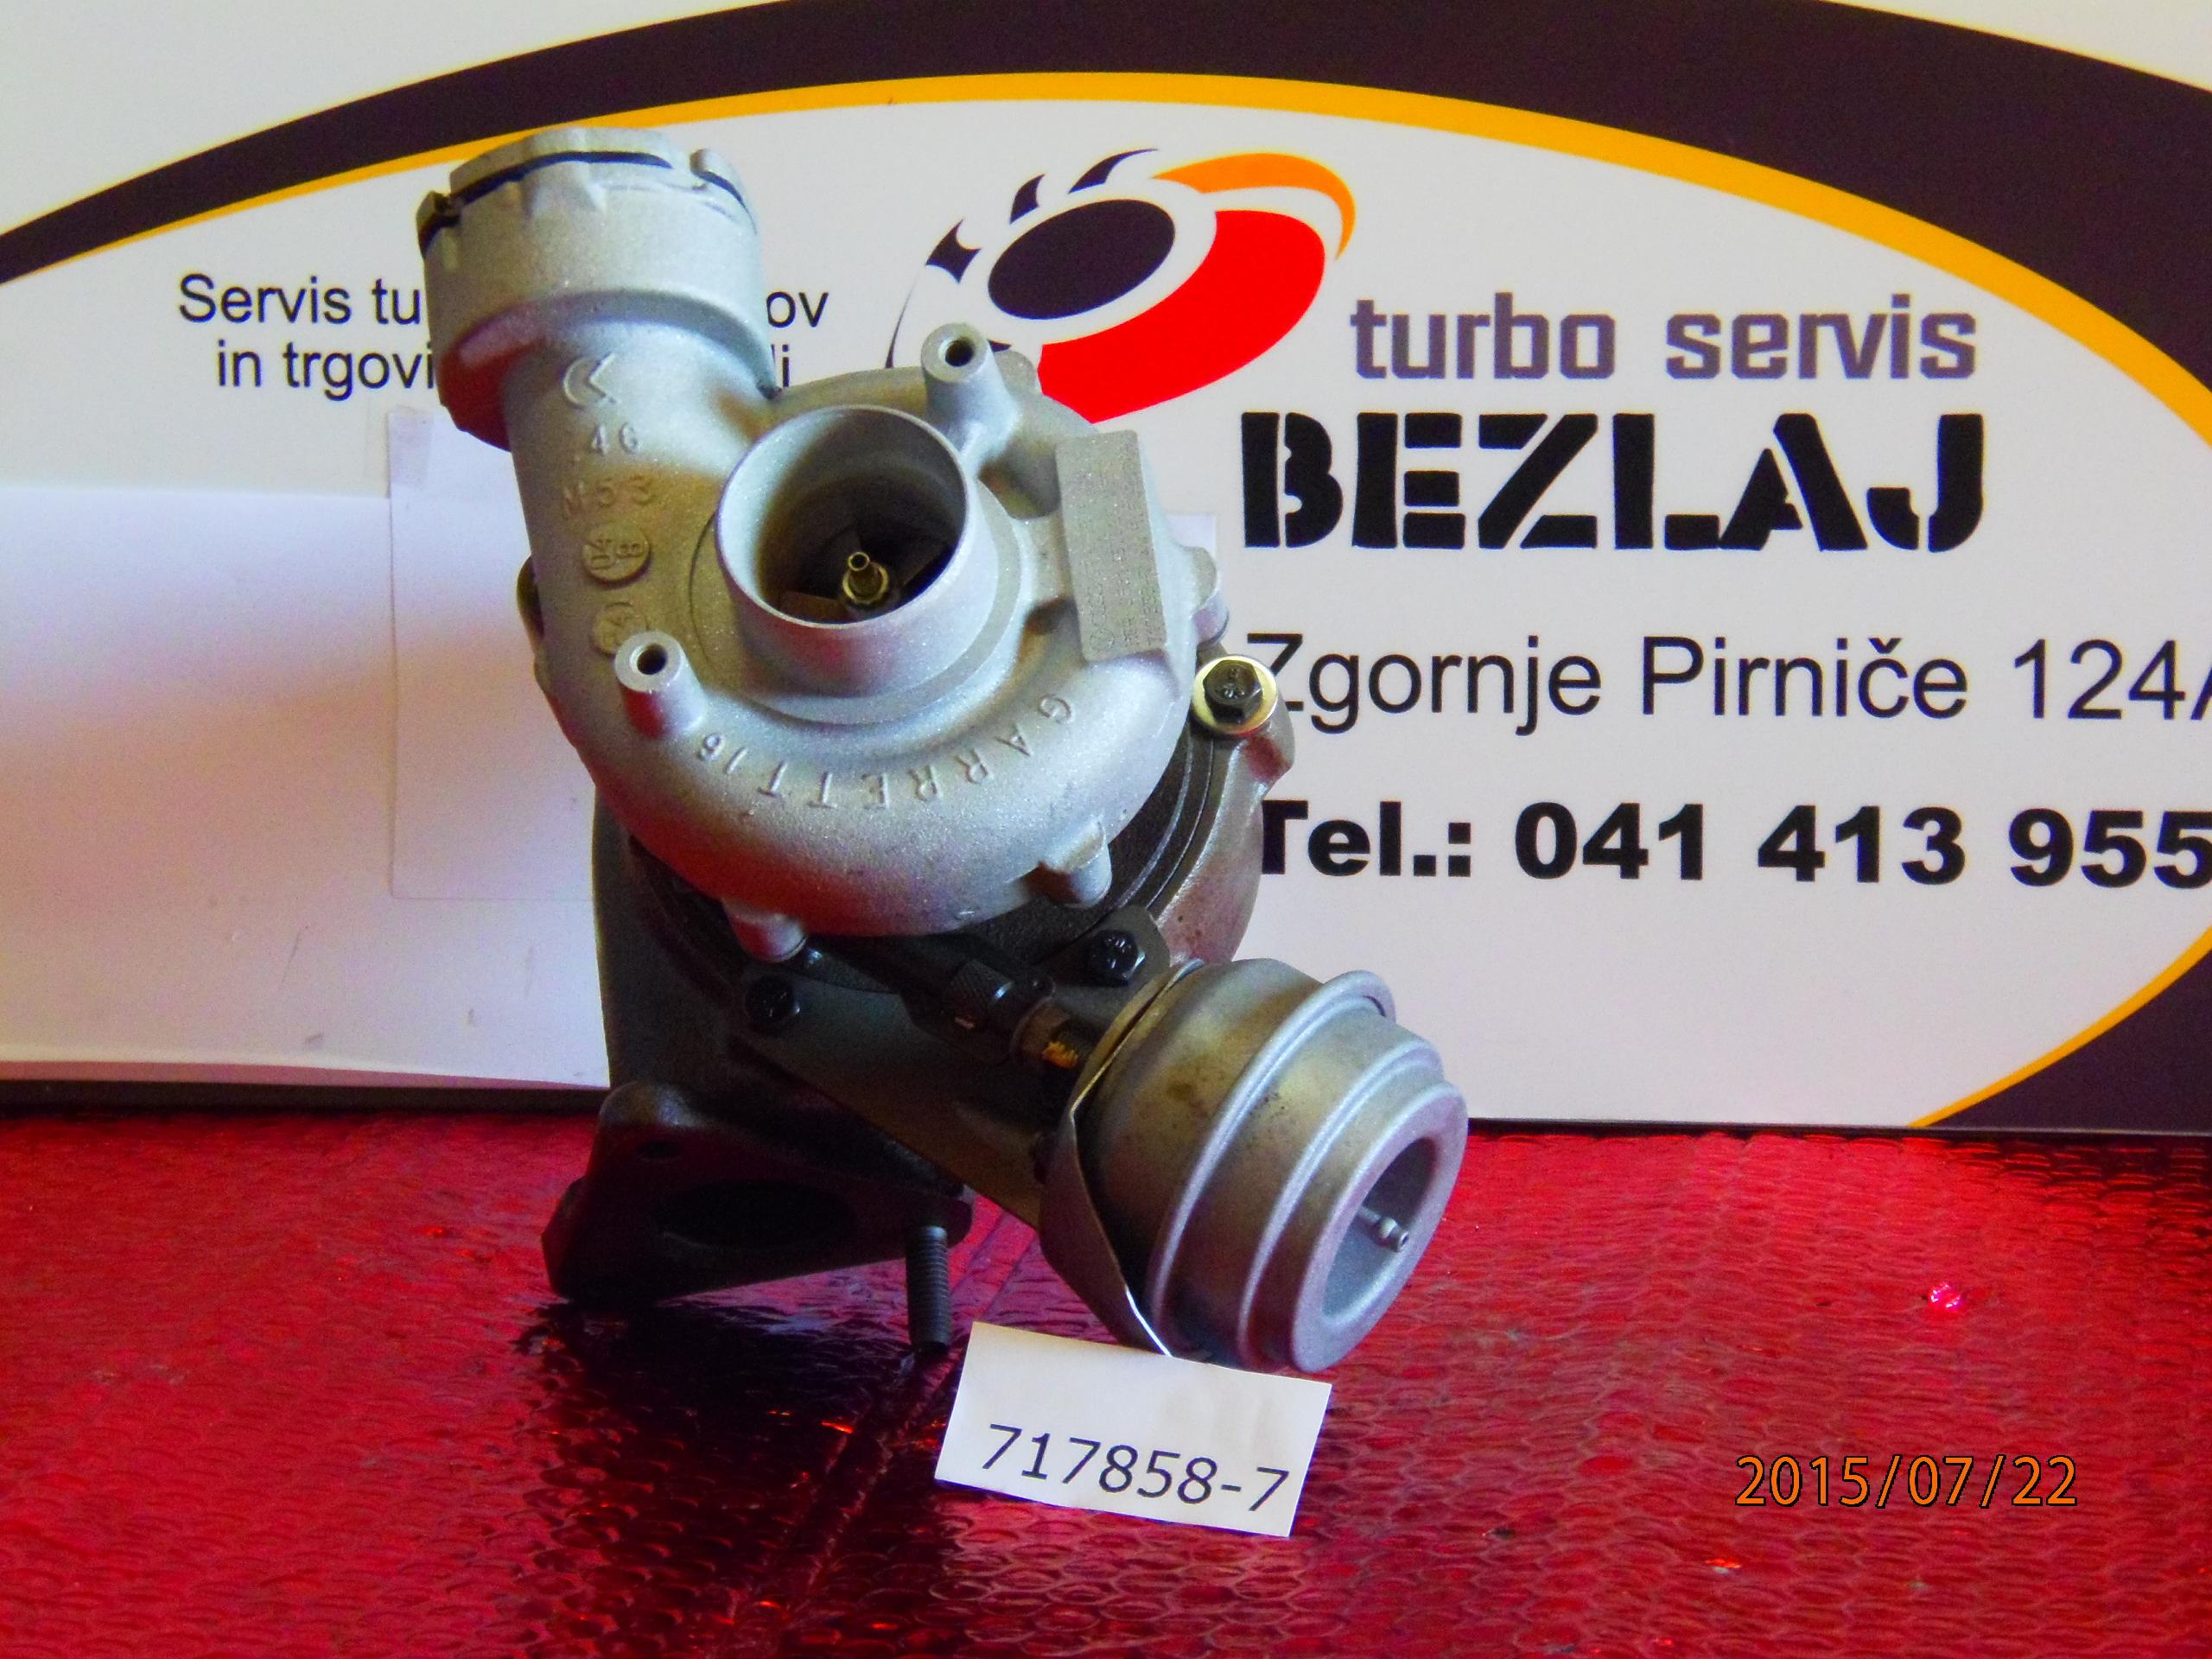 turbo717858-7